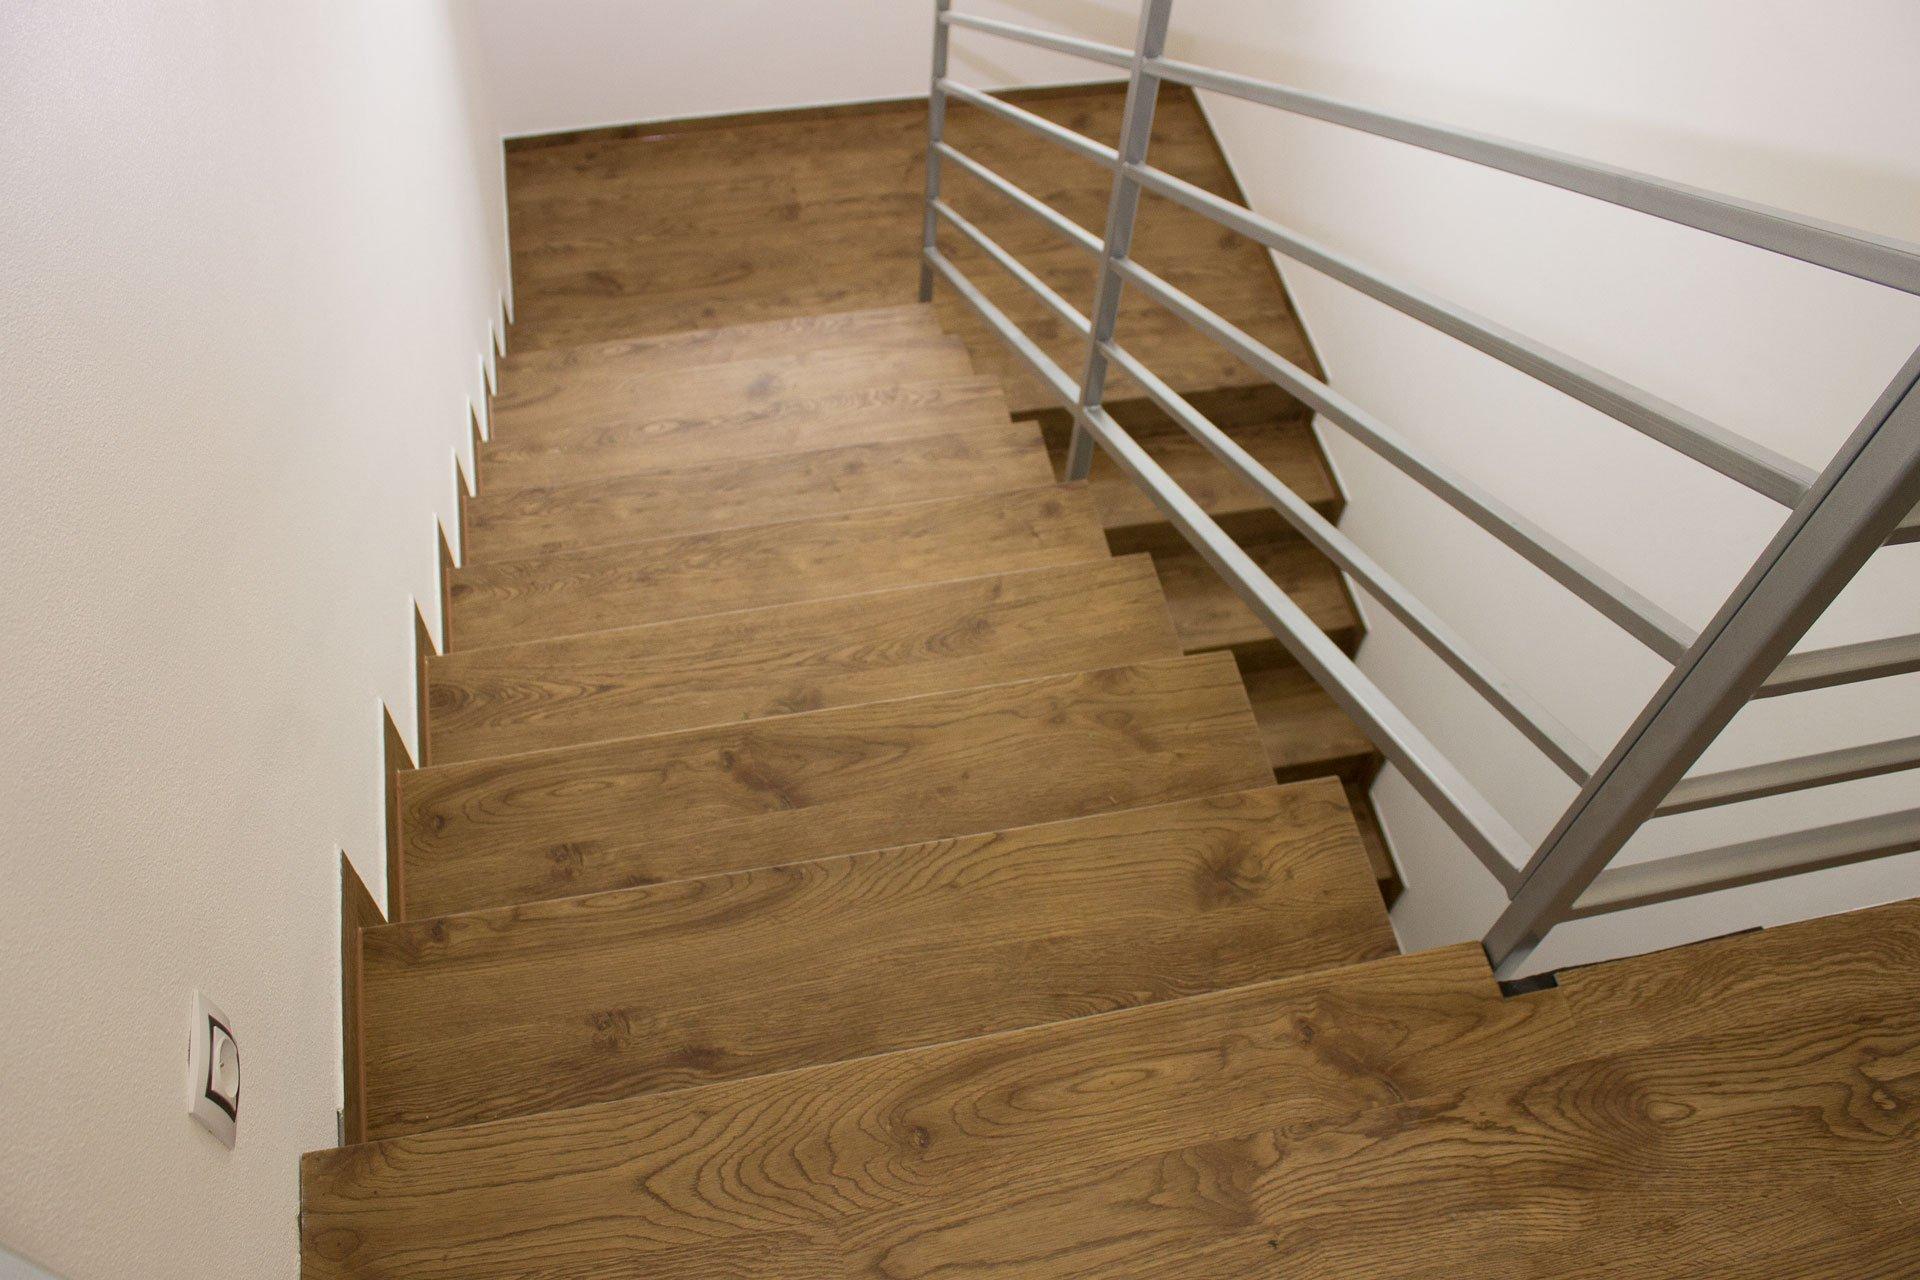 Napojení posledního schodu na navazující podlahu bez lišt nebo jiných rušivých prvků